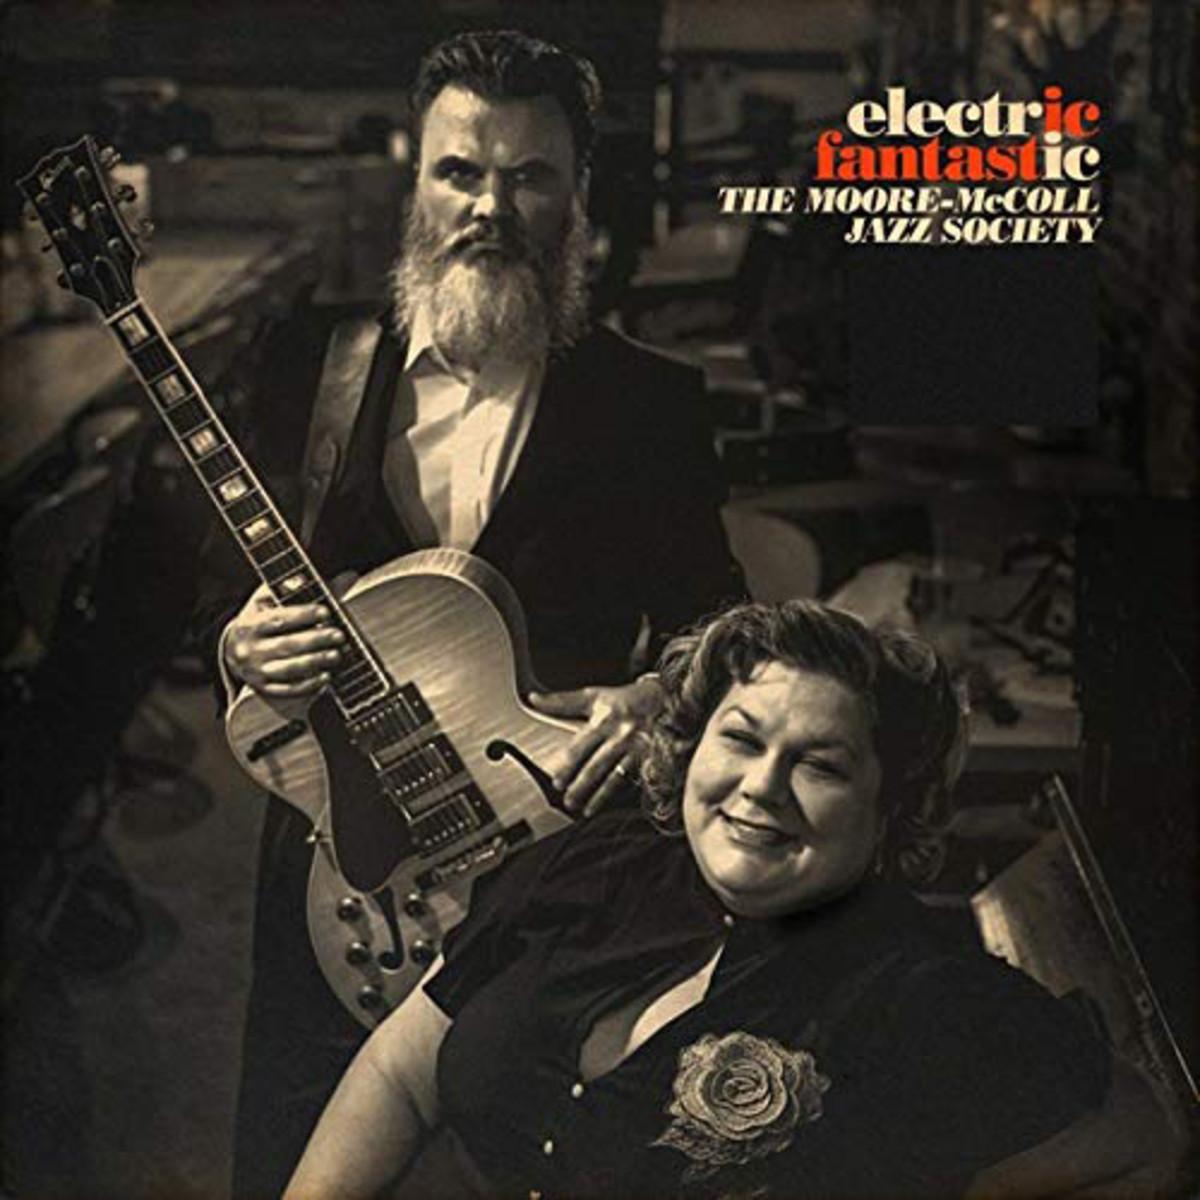 The Moore-McColl Jazz Society